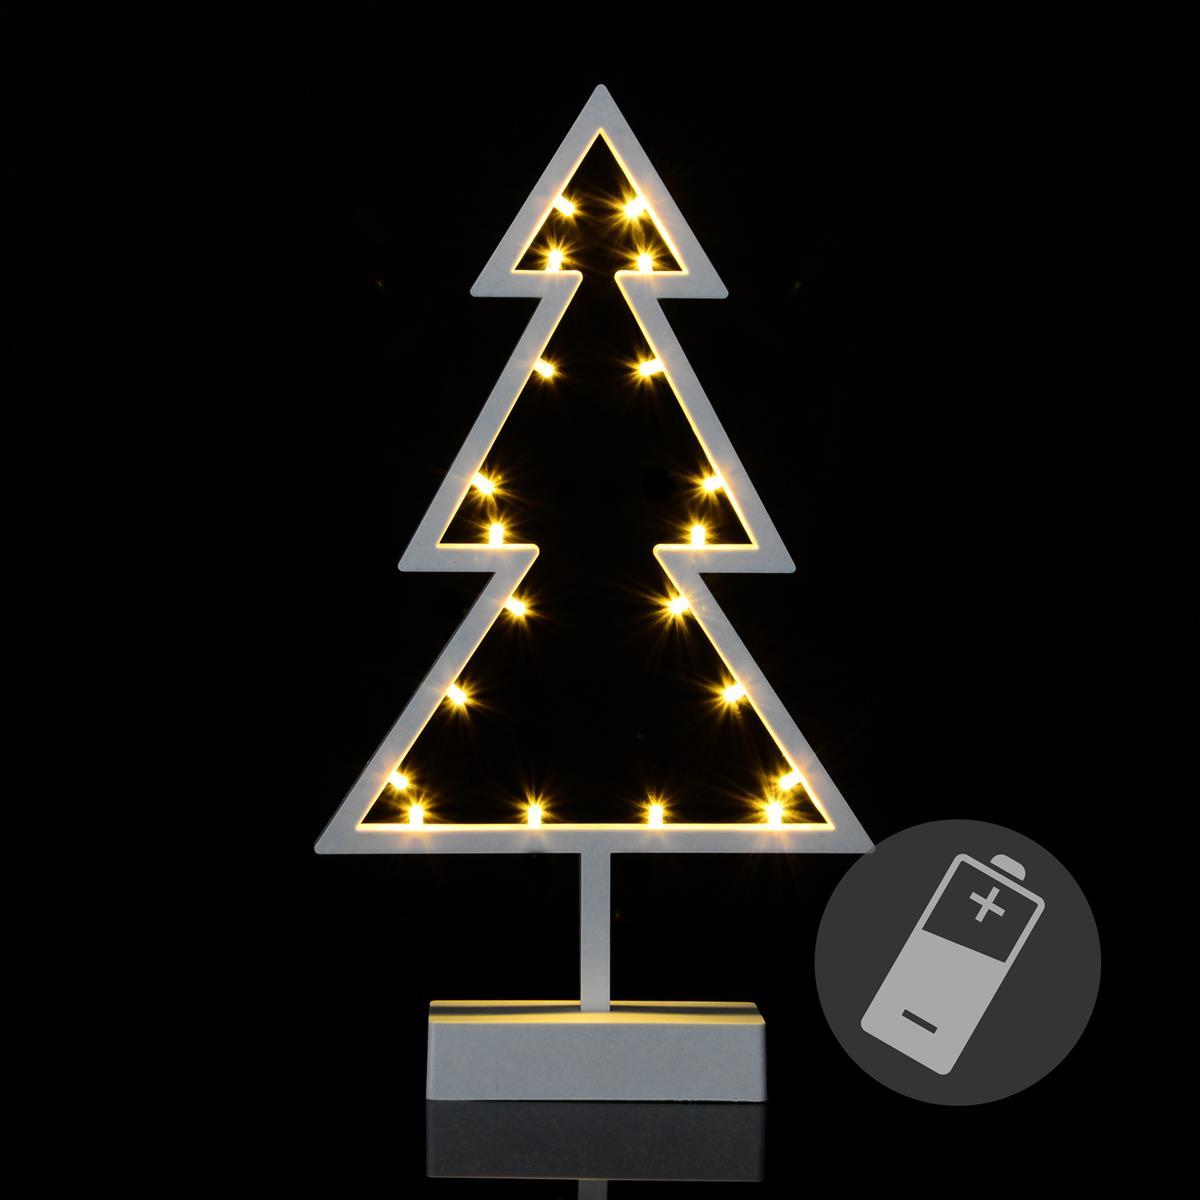 20 LED Dekoleuchte Baum warm weiß Weihnachtsbaum Lichterbaum 38 cm Xmas Batterie